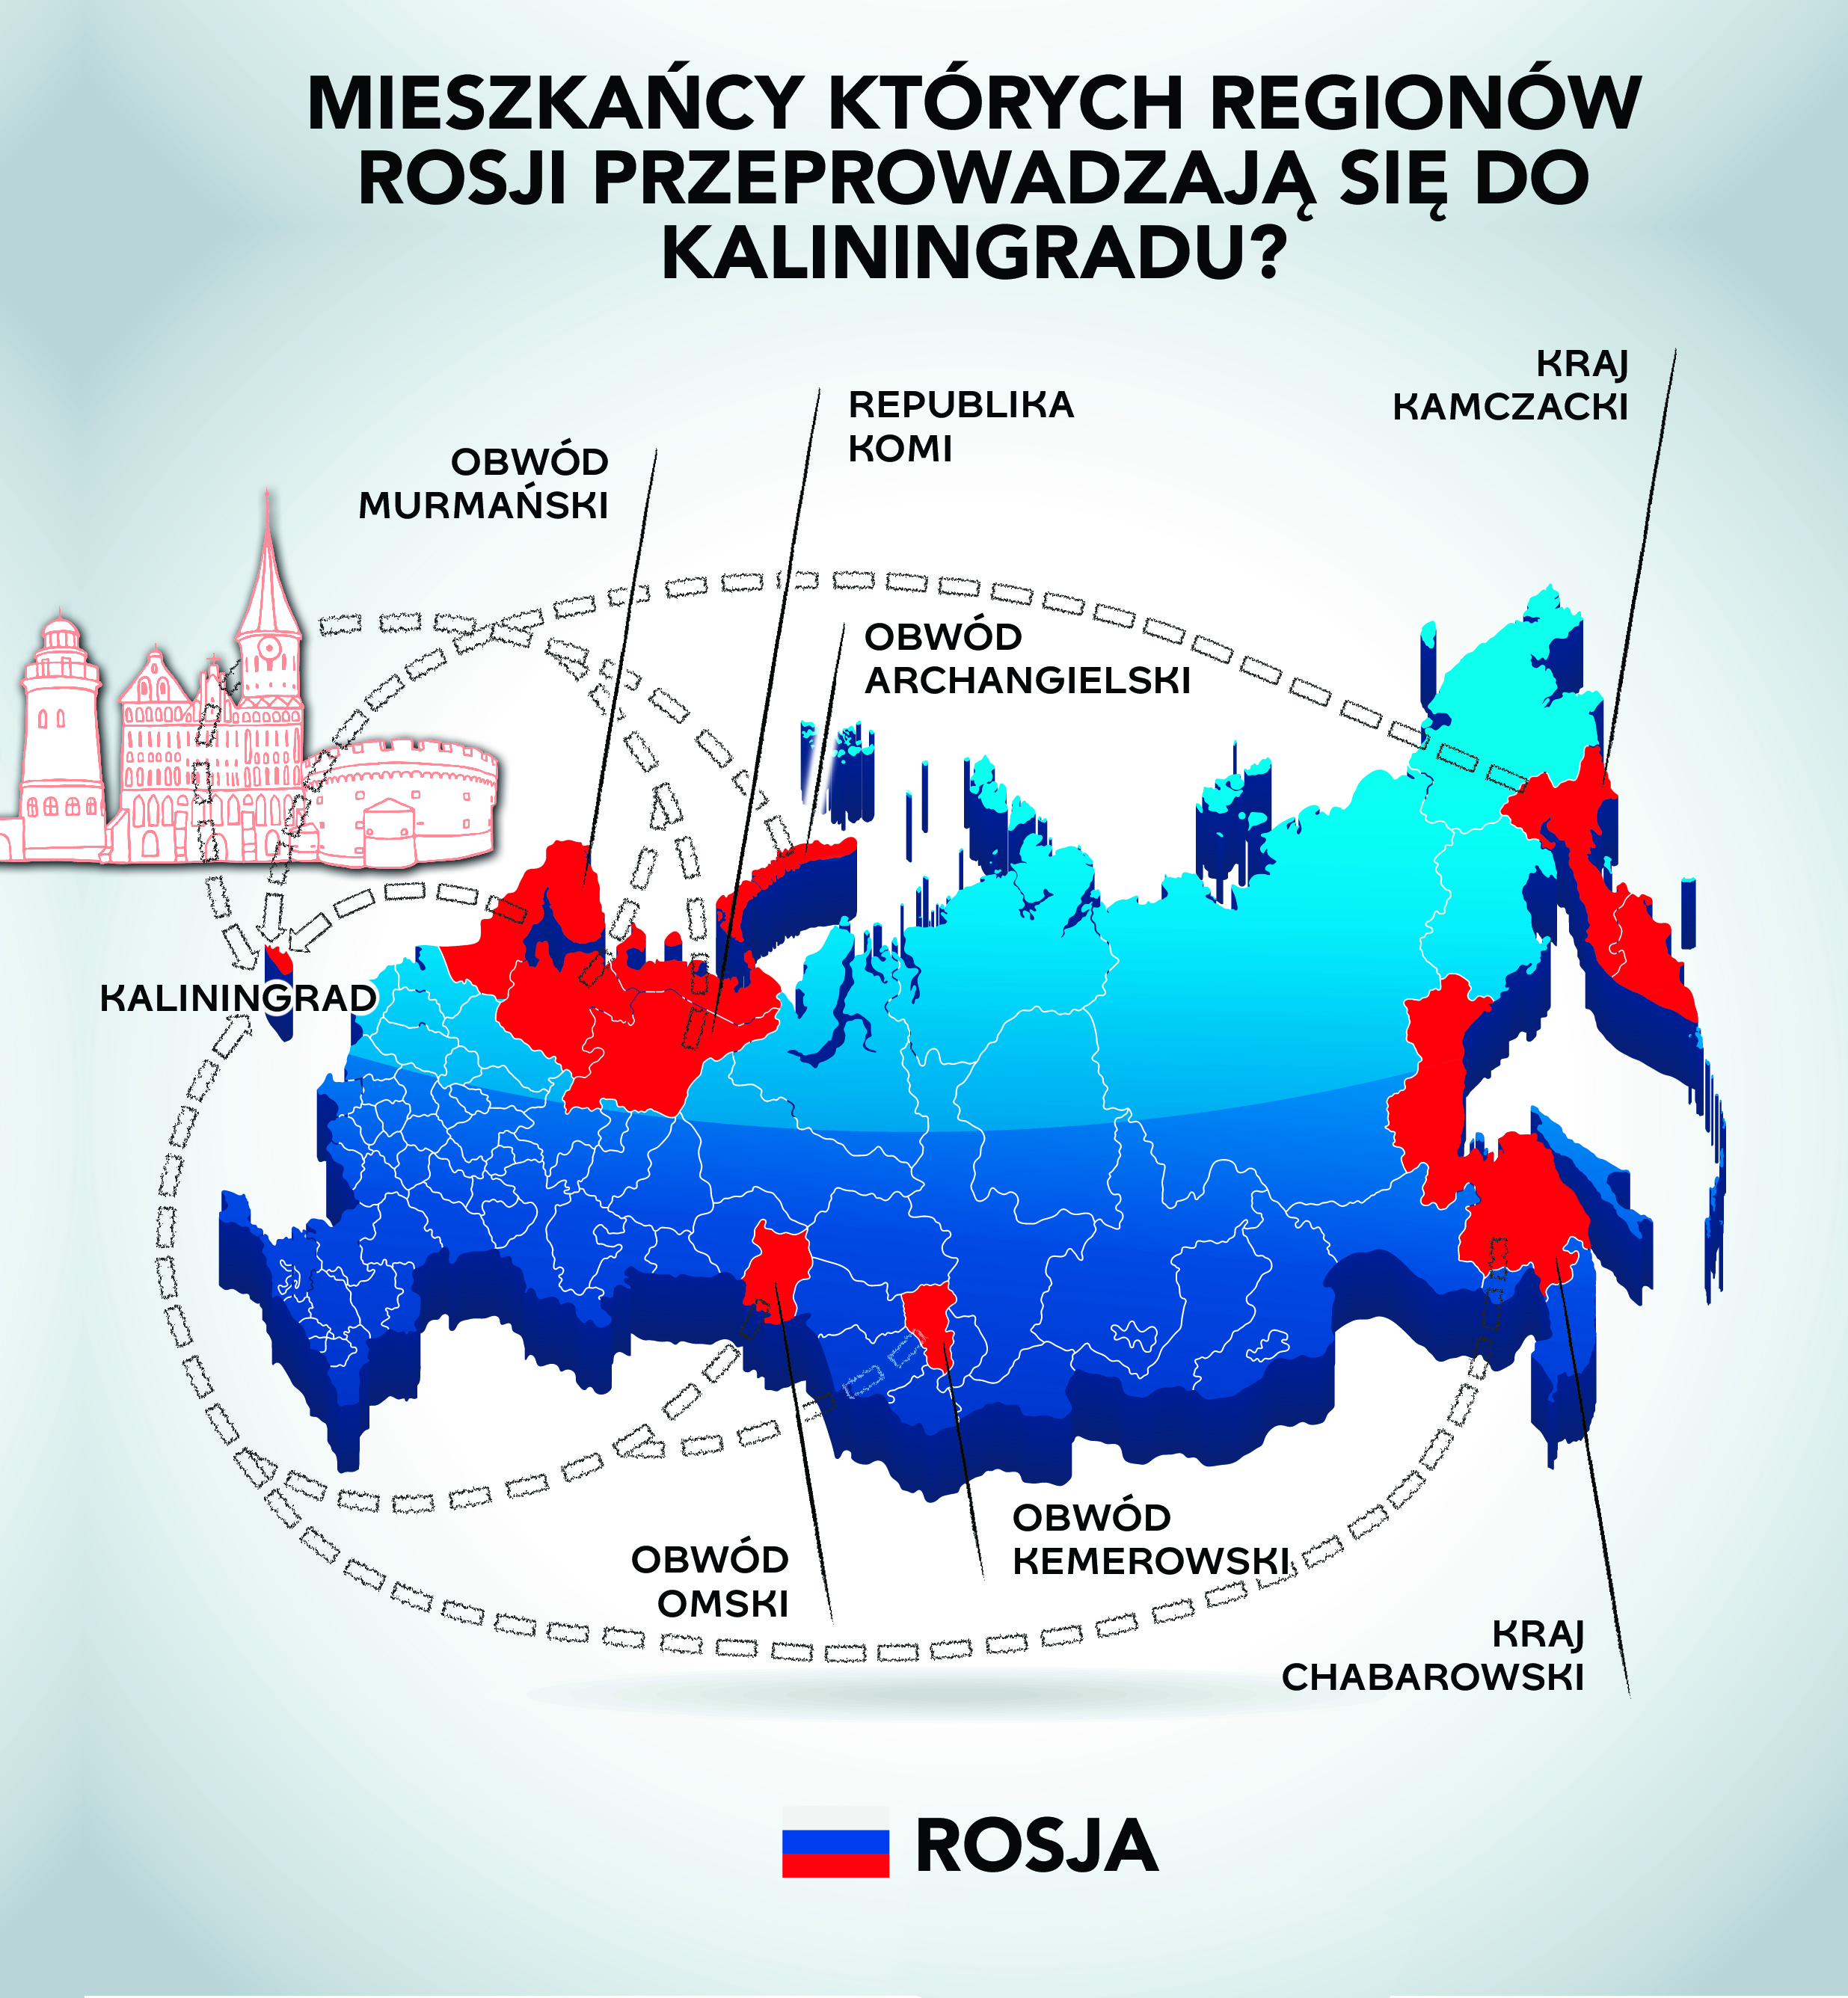 Mieszkańcy których regionów Rosji przeprowadzają się do Kaliningradu?